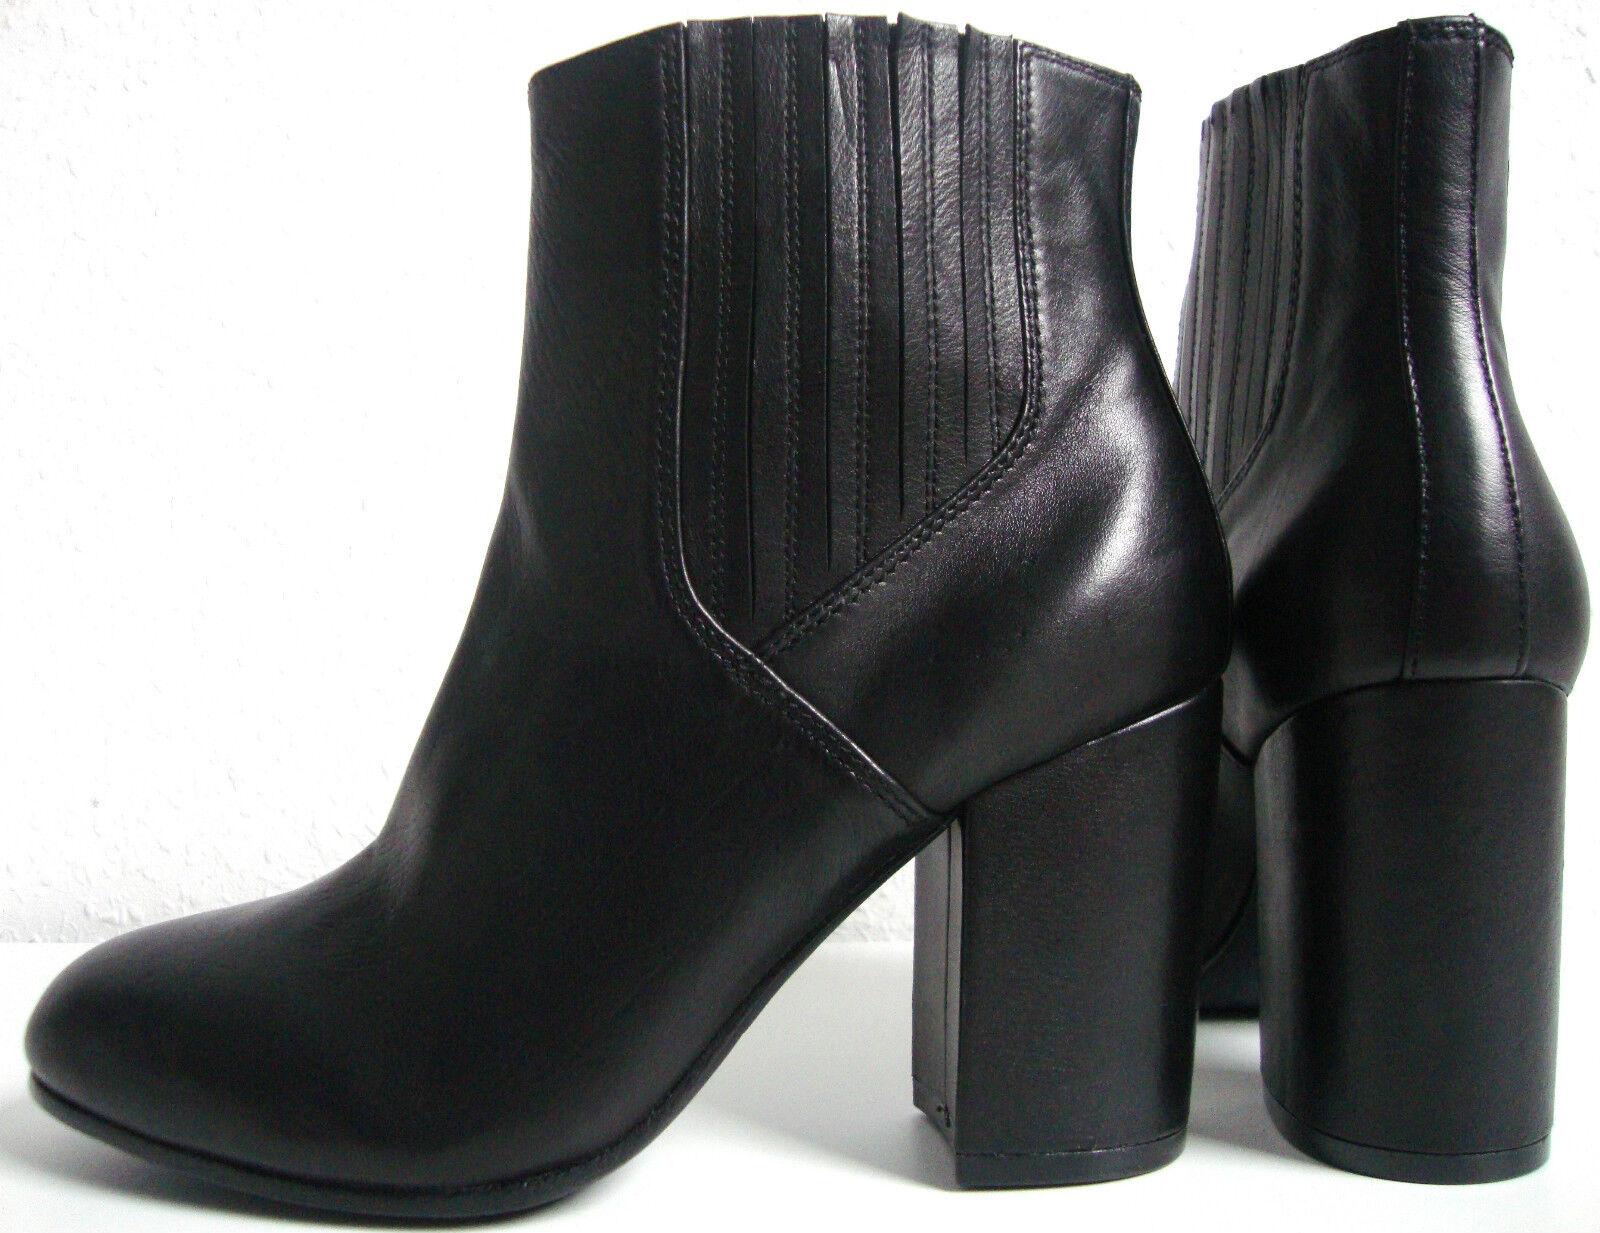 ASH FEELING Stiefeletten Leder Ankle Boots Damen Halbstiefel Black Gr.37 NEU